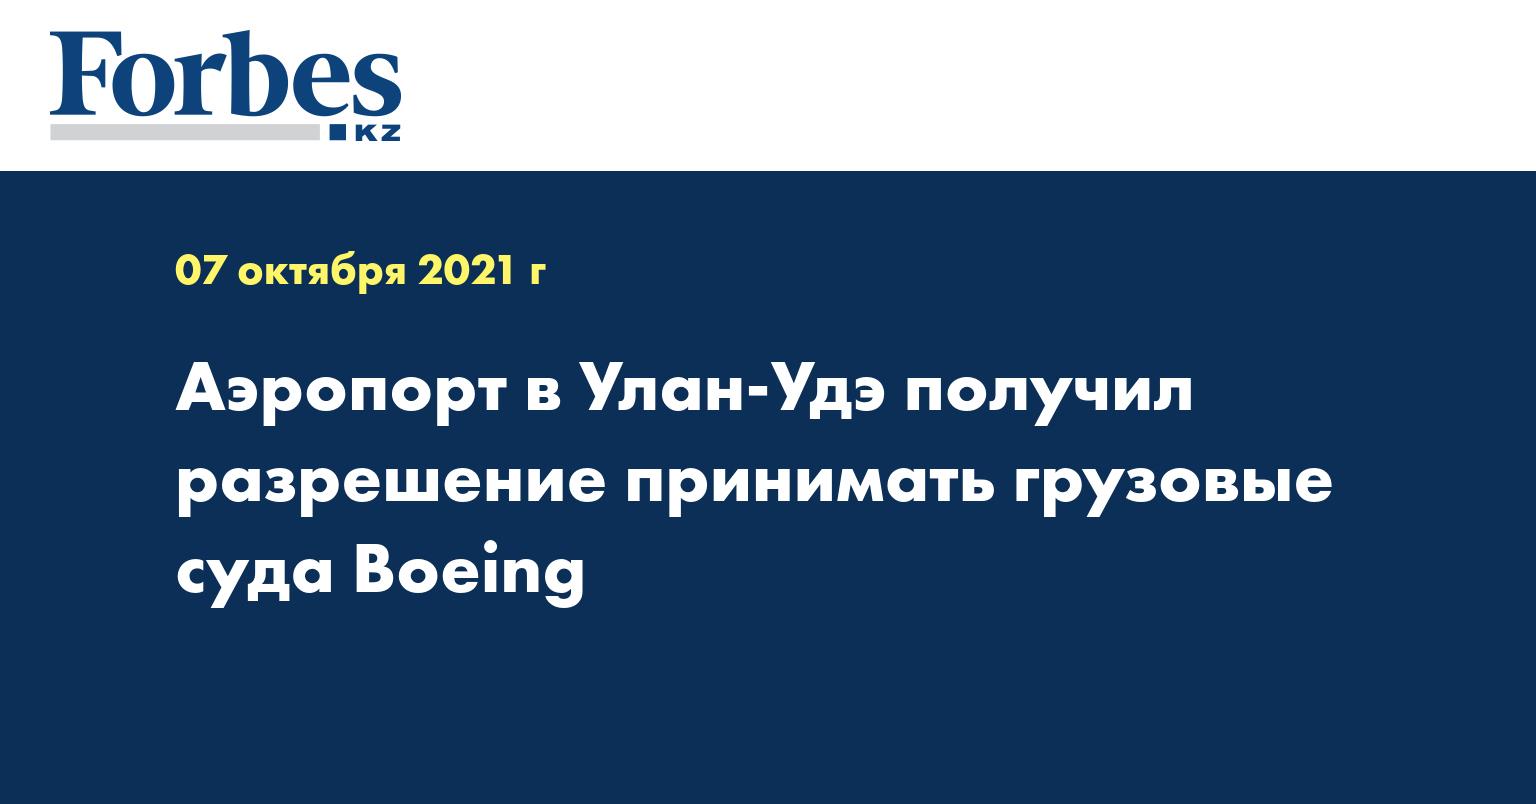 Аэропорт в Улан-Удэ получил разрешение принимать грузовые суда Boeing